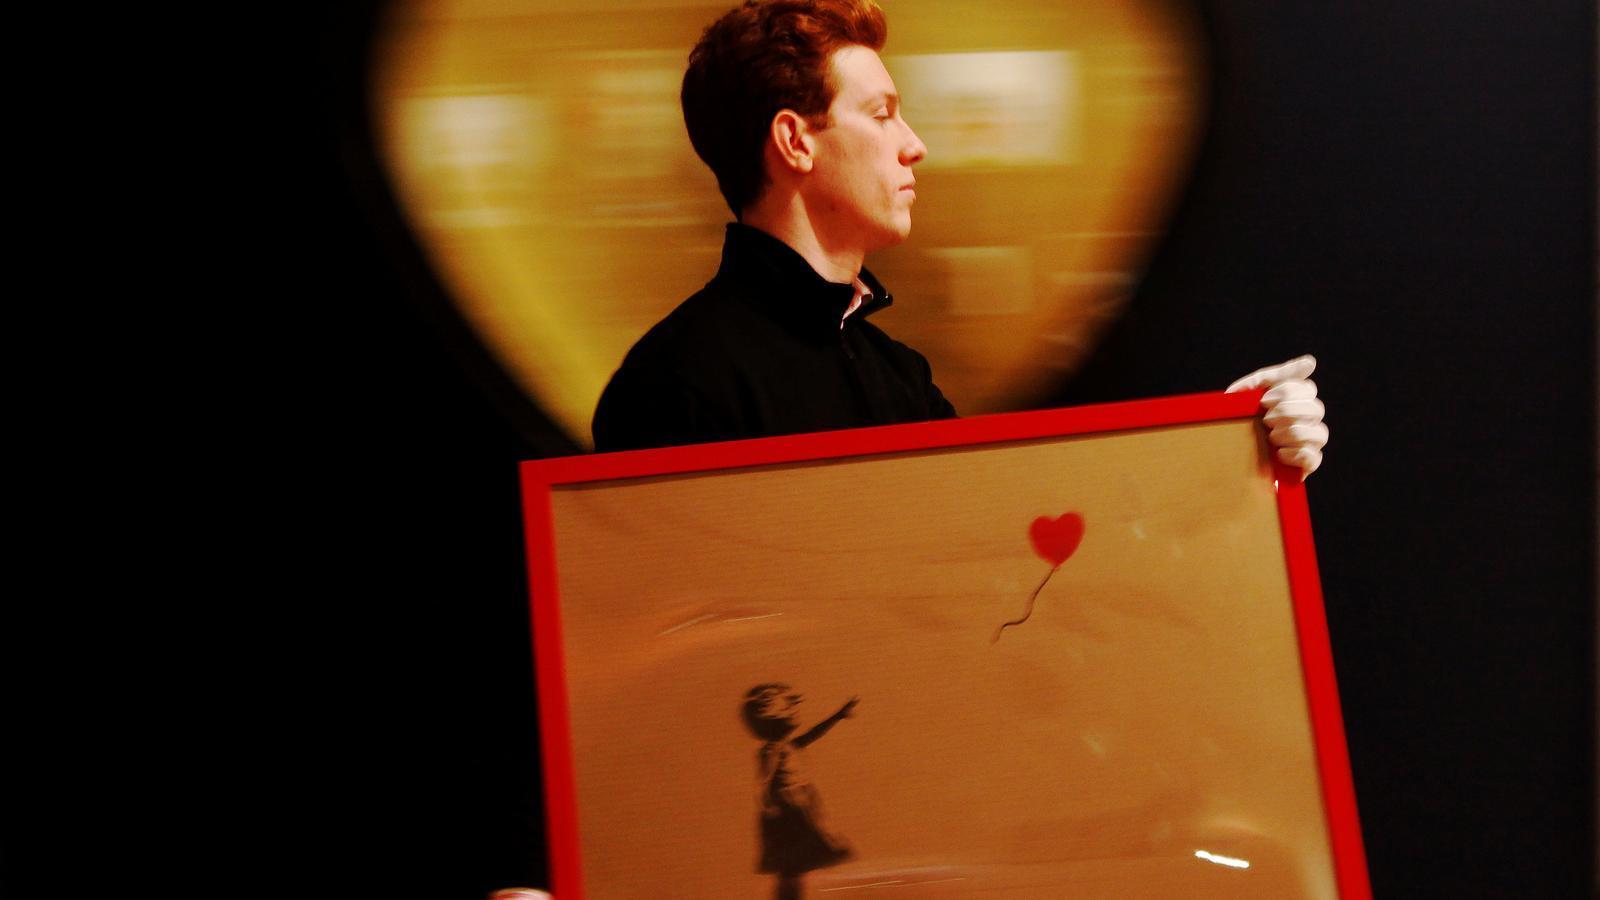 Banksy i l'impacte d'autodestruir una obra de més d'un milió d'euros en una subhasta